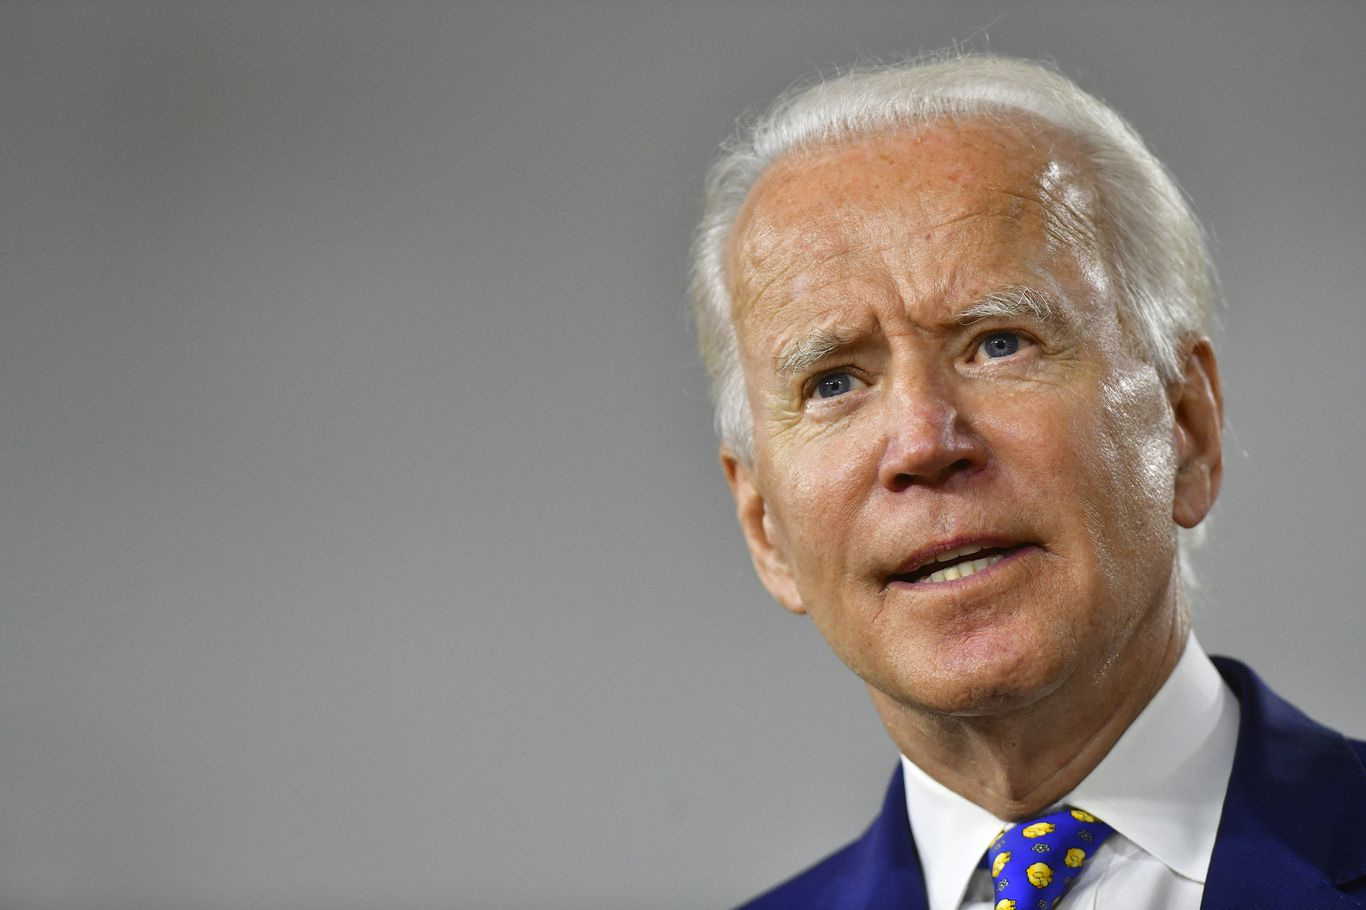 Biden launches $280 million ad push thumbnail